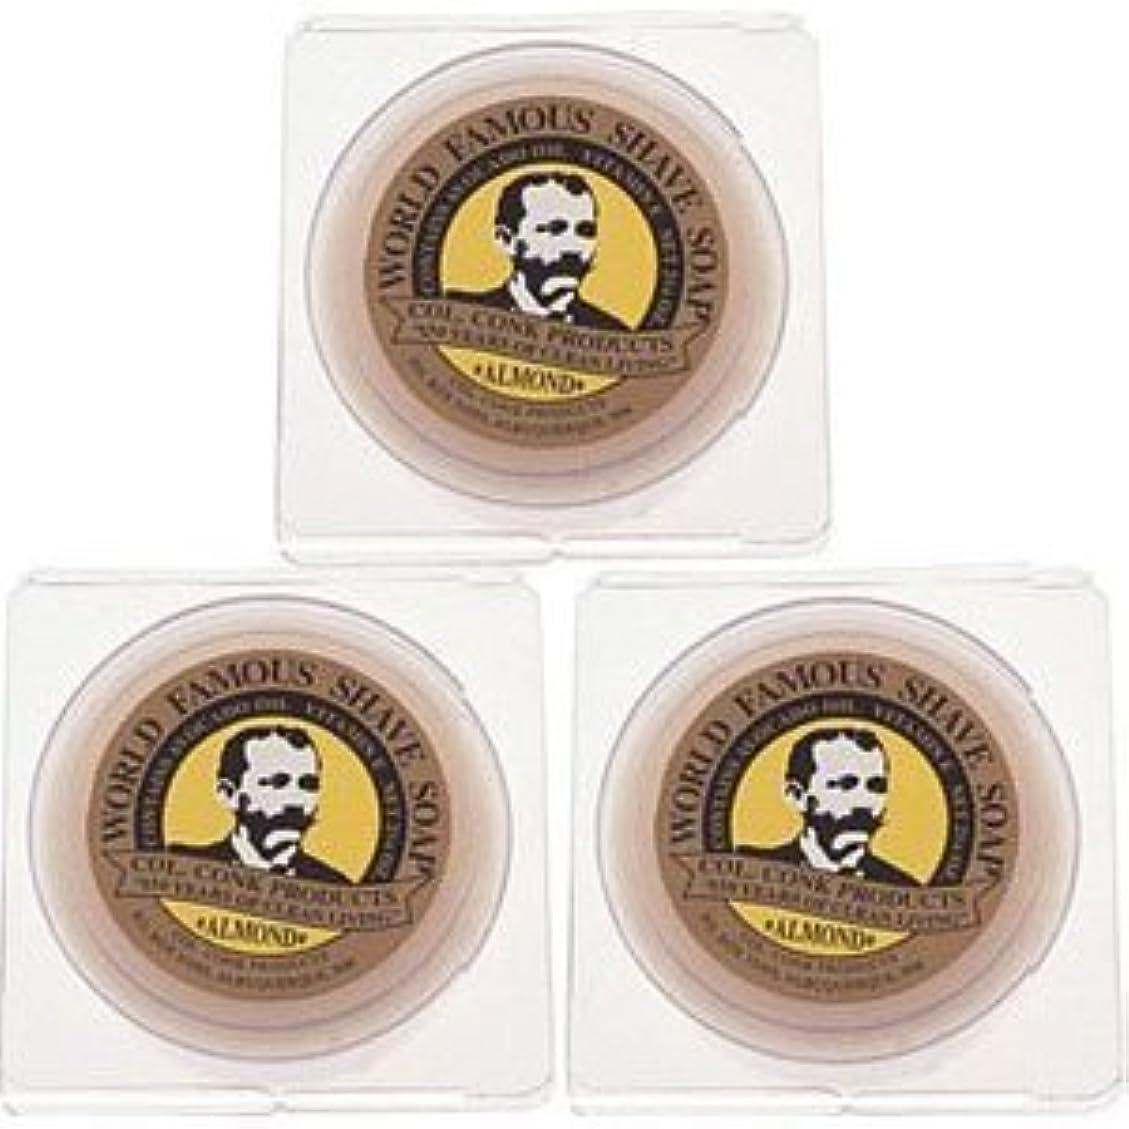 個人的に勘違いする意義Col. Conk World's Famous Shaving Soap Almond * 3 - Pack * Each Net Weight 2.25 Oz by Colonel Conk [並行輸入品]